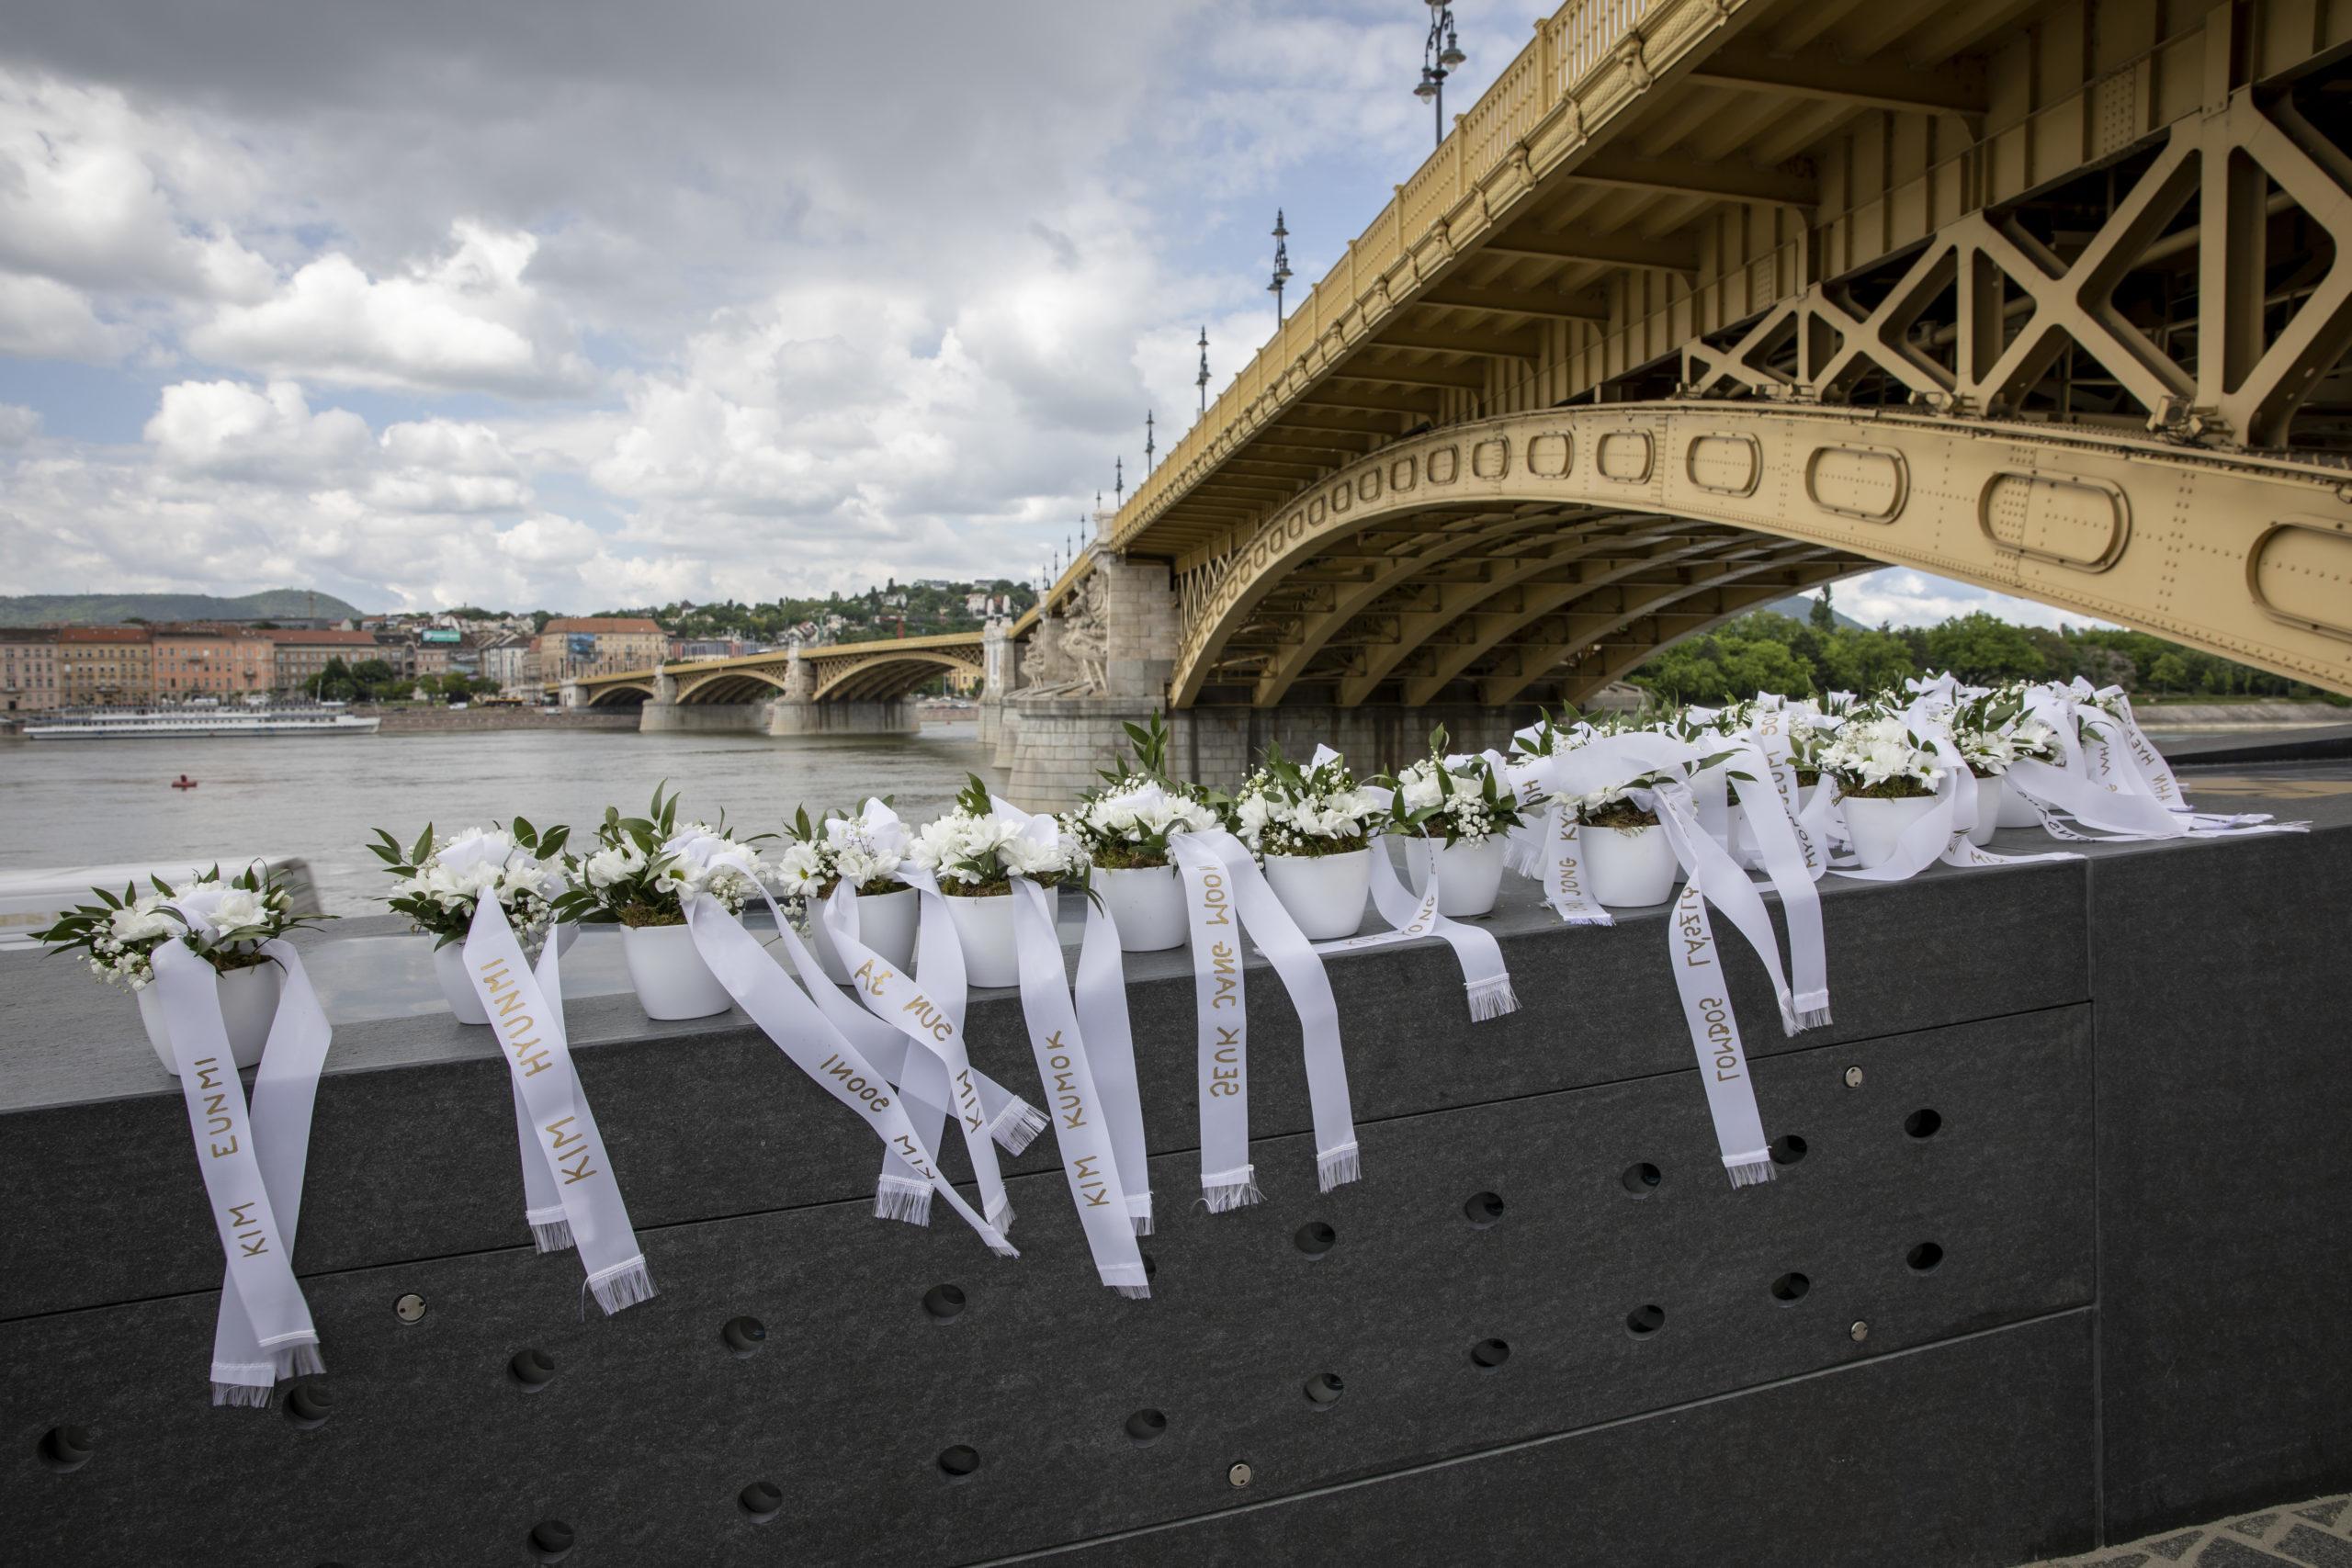 Monumentális emlékművet emelt a magyar állam a Hableány tragédia áldozatainak emlékére a Margit-híd pesti hídfőjénél